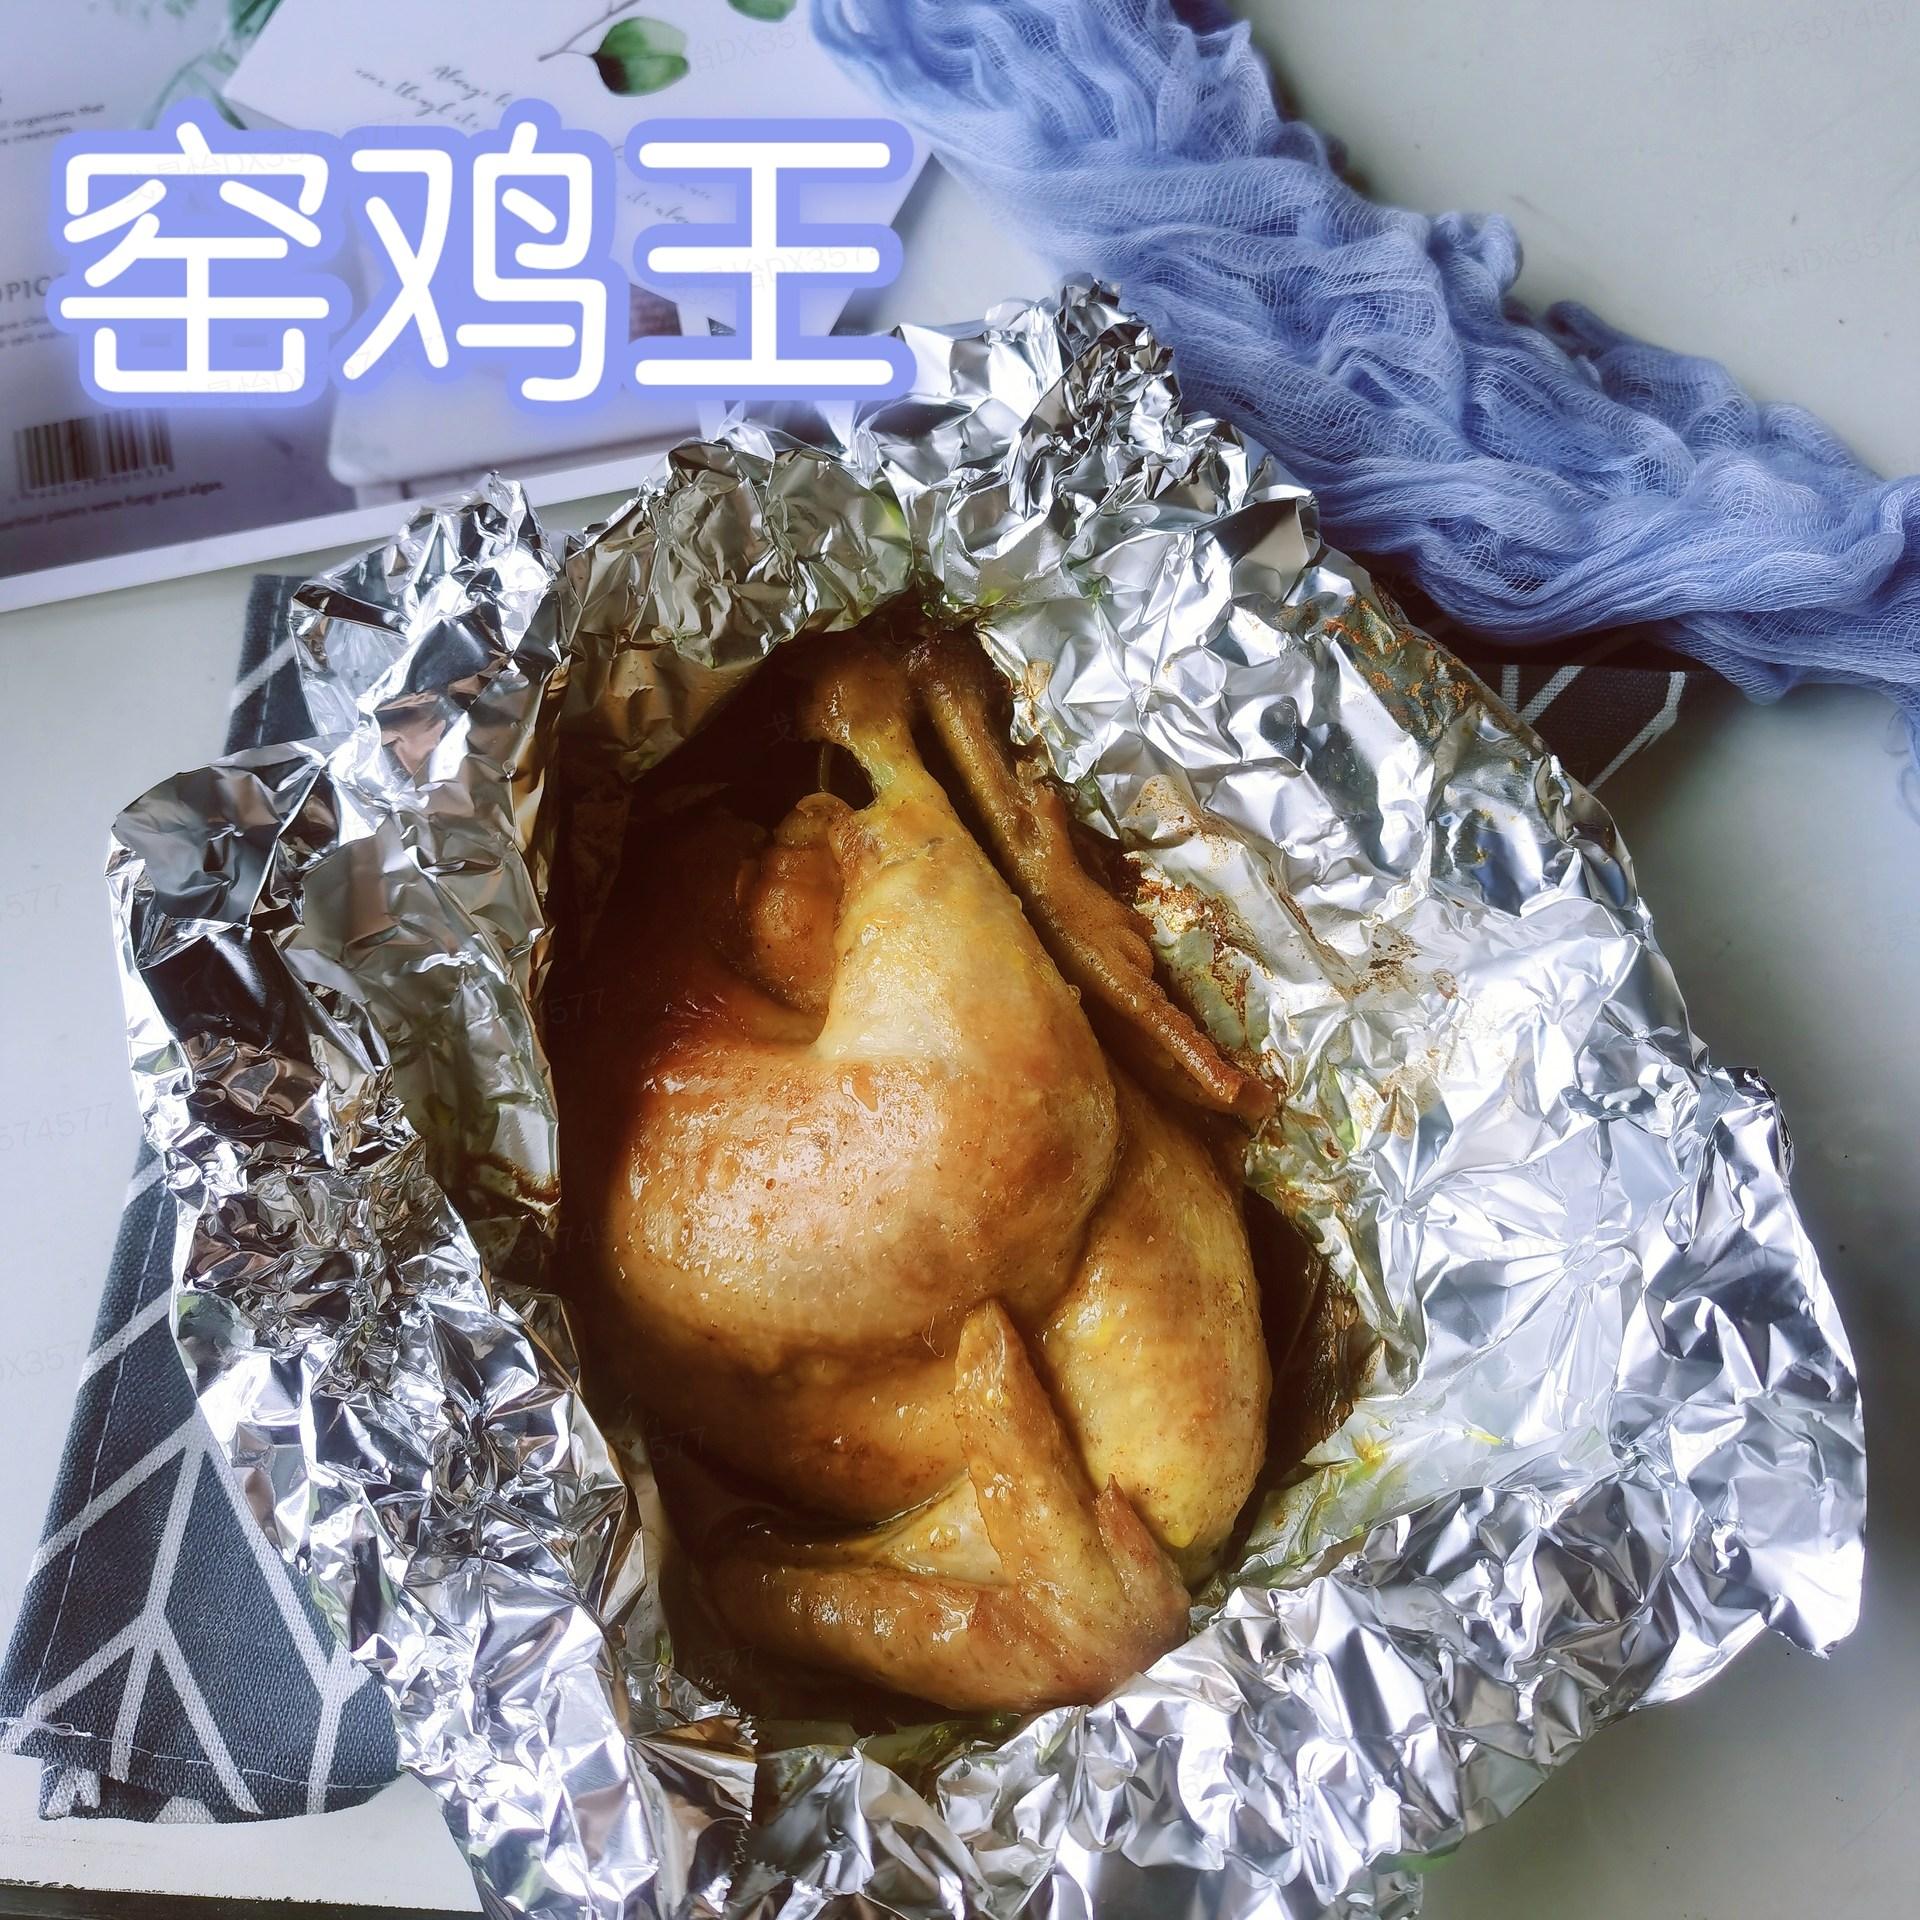 人均不到30就能在周黑鸭和窑鸡王凑出一顿神仙卤味,荤素搭配